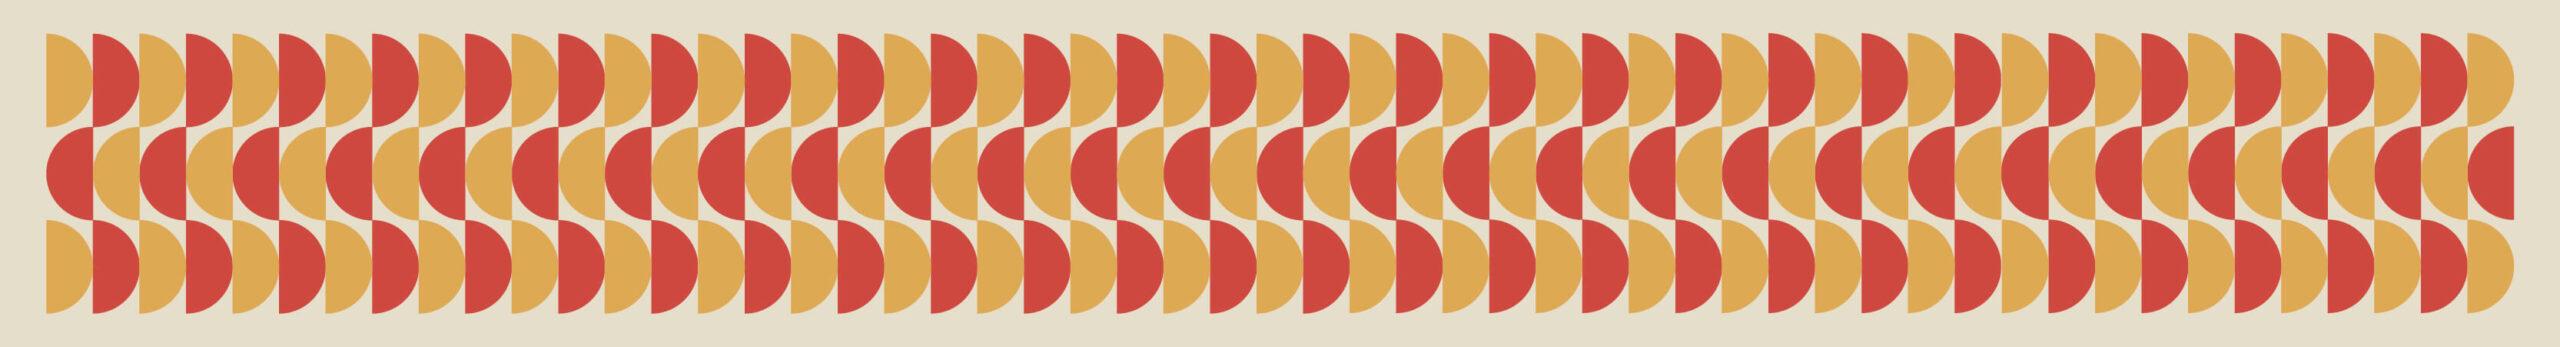 pattern_foot